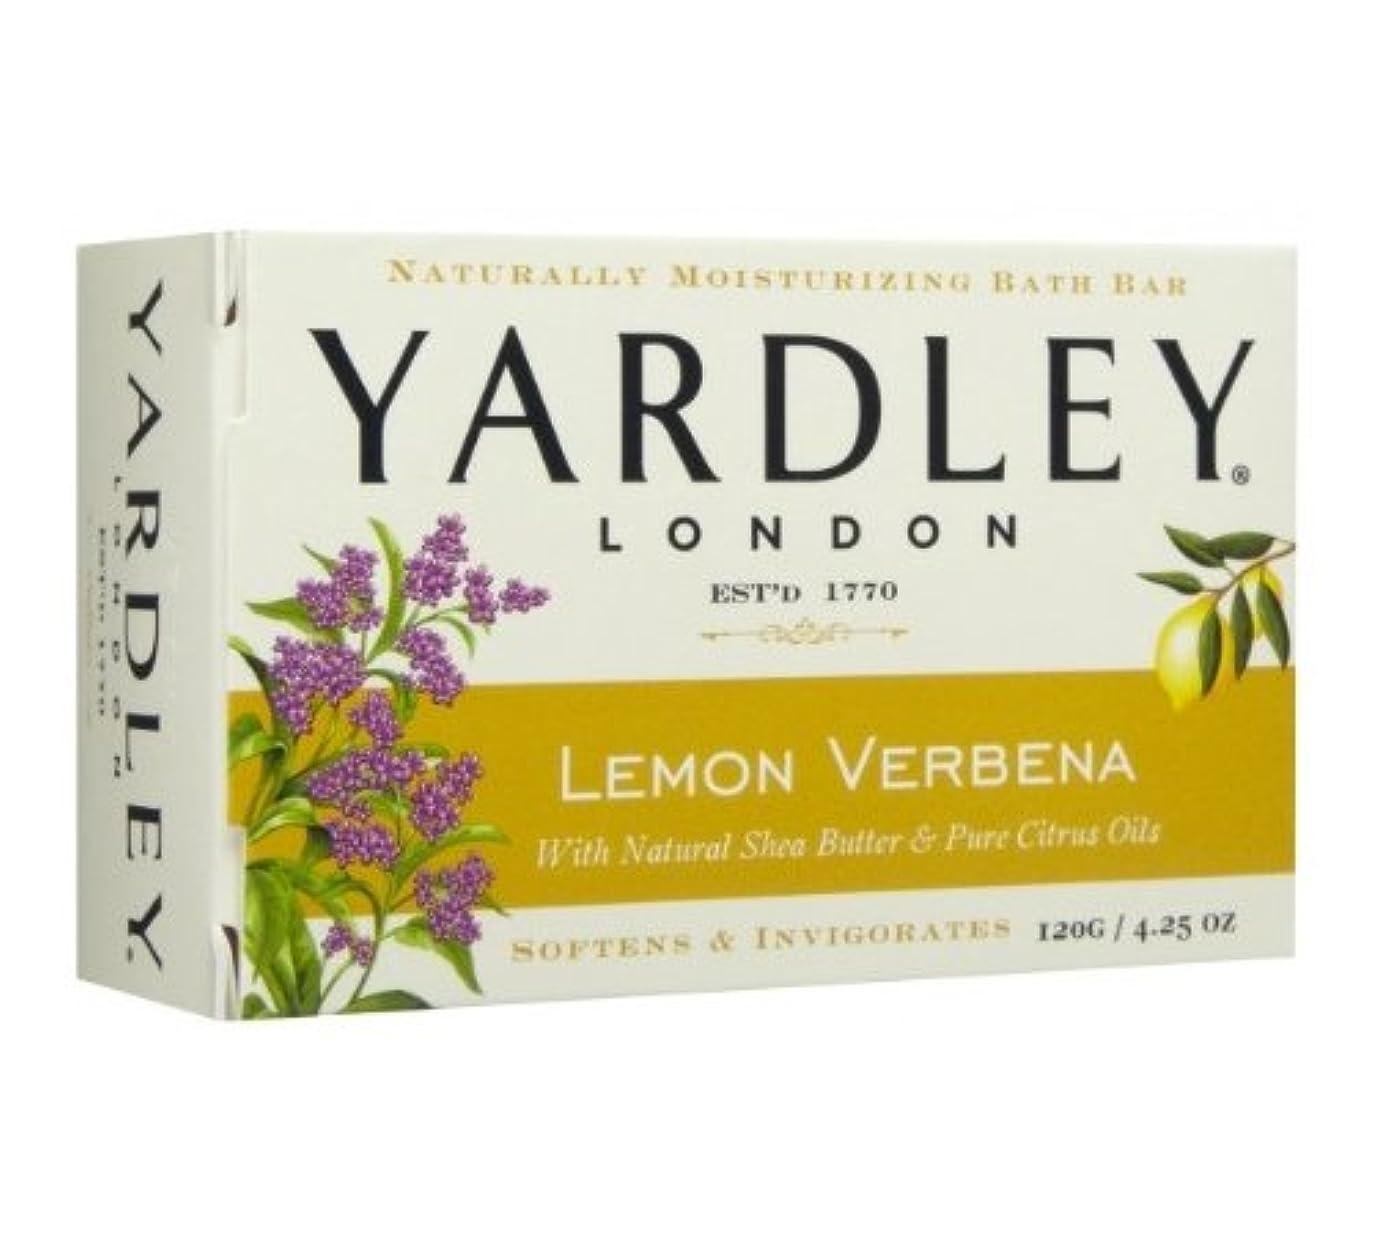 暗殺動く病院【2個 ハワイ直送品】Yardley London Lemon Verbena Moisturizing Bath Bar ヤードリー レモンバーベナ ソープ 120g